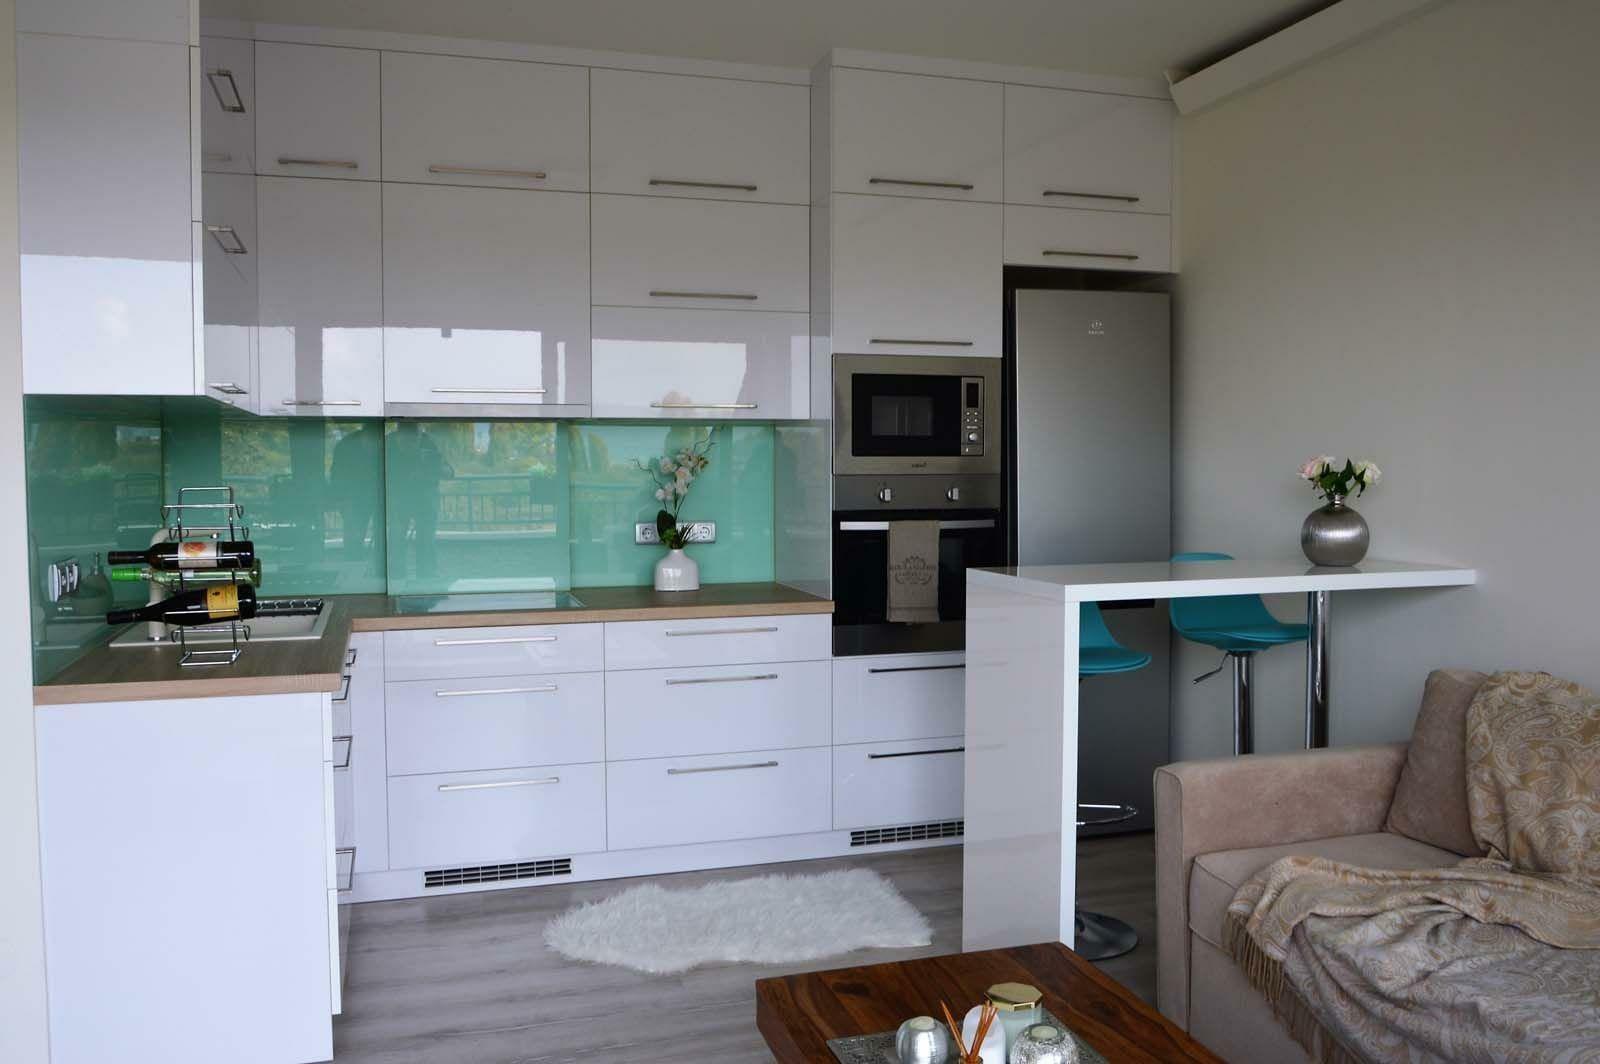 Egyedi konyhabútor készítés magasfényű akril felületű bútorlapból, üveghátlappal, rejtett LED világítással